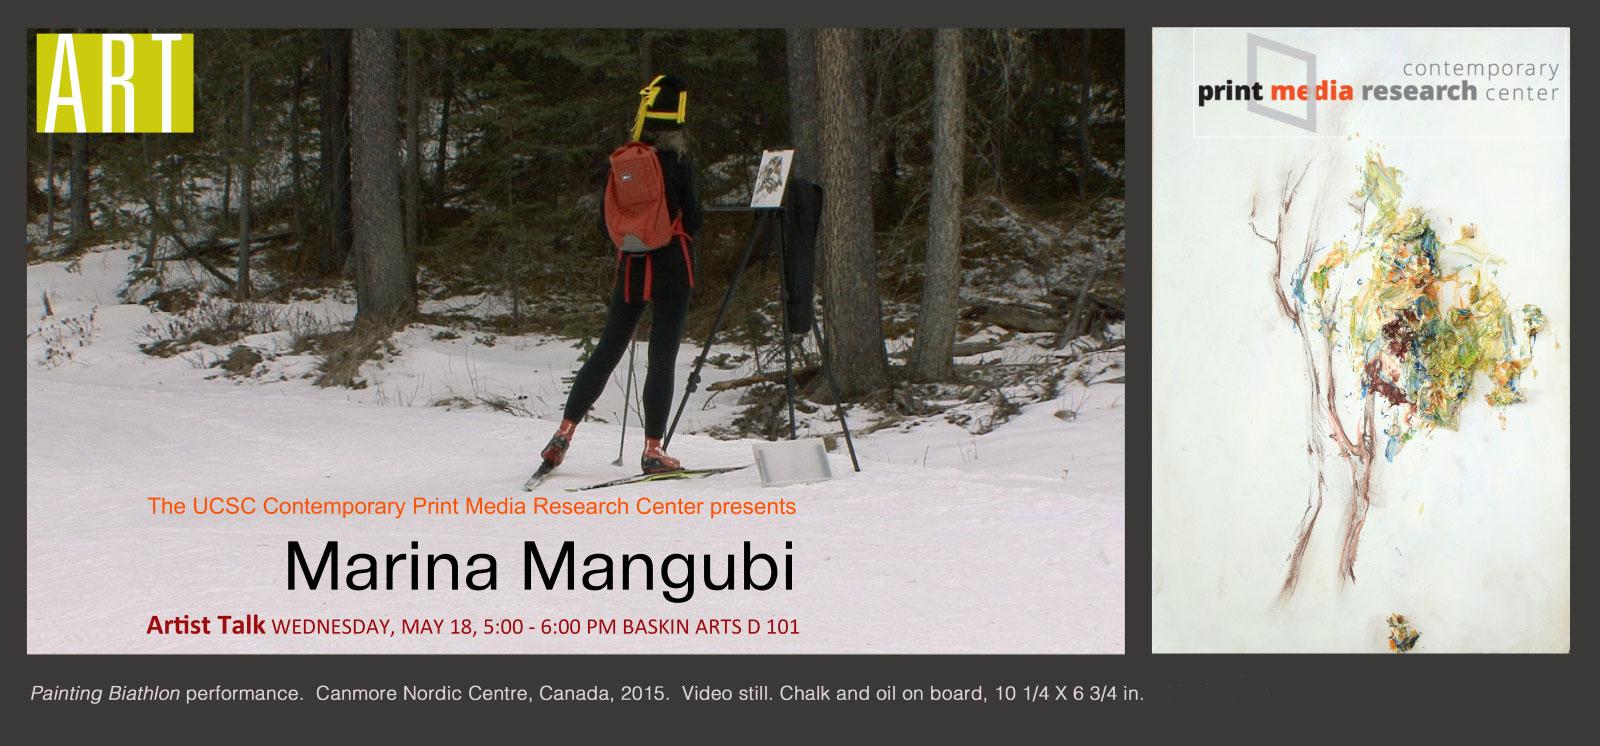 Marina Mangubi